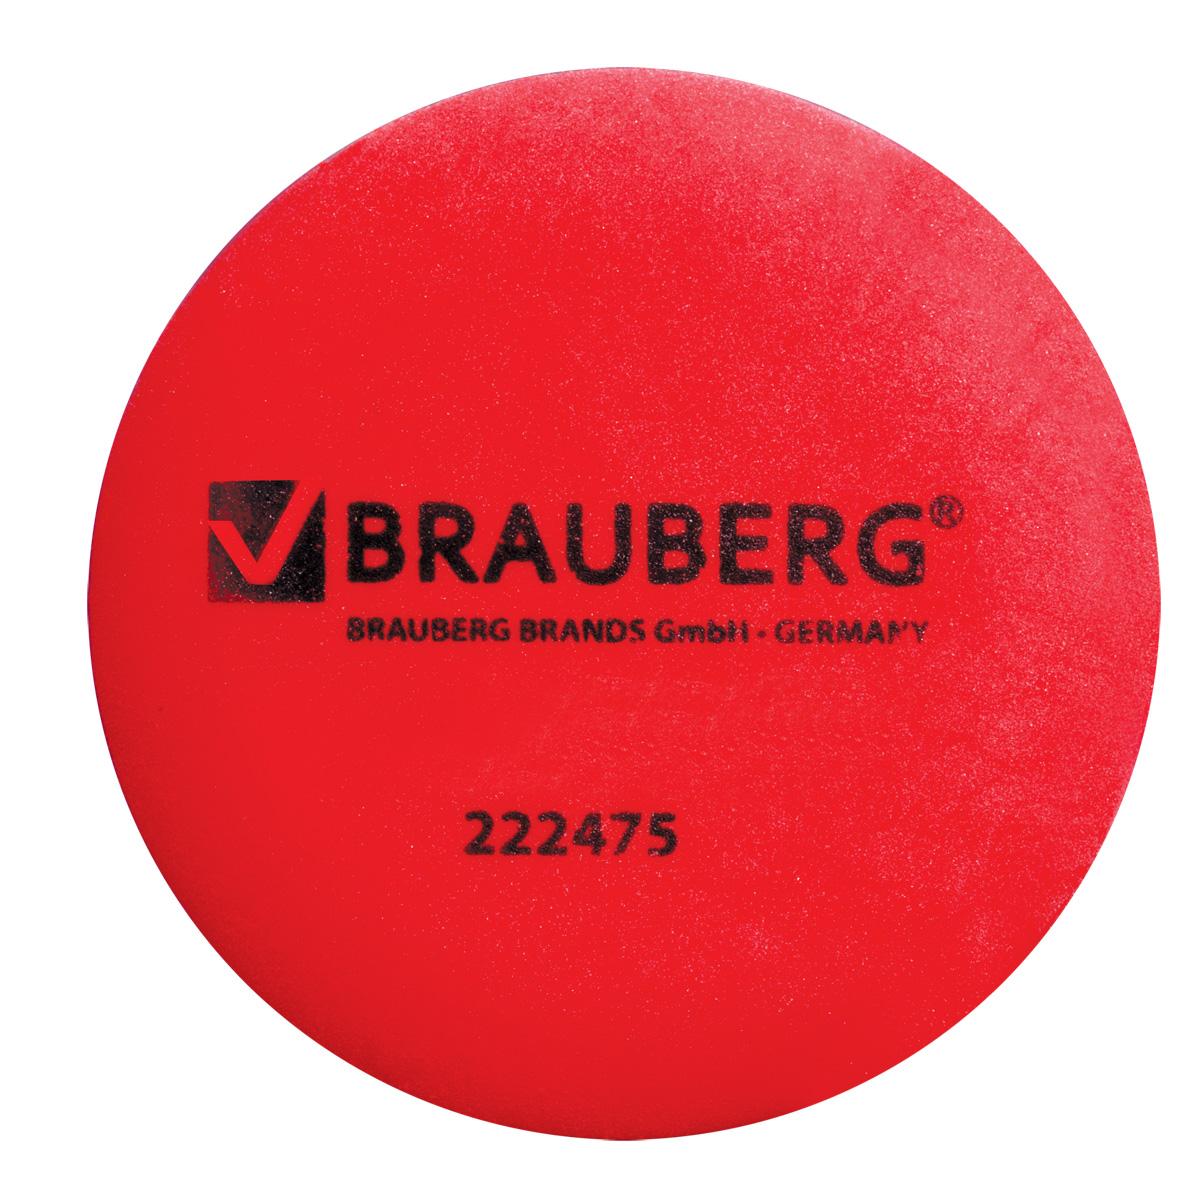 Brauberg Ластик Bombe круглый72523WDЛастик Brauberg Bombe предназначен для удаления надписей, сделанных карандашом. Обеспечивает лёгкое и чистое стирание без повреждения поверхности бумаги и без образования бумажной пыли. Круглая эргономичная форма. Диаметр - 55 мм. Уважаемые клиенты! Обращаем ваше внимание на цветовой ассортимент товара. Поставка осуществляется в зависимости от наличия на складе.